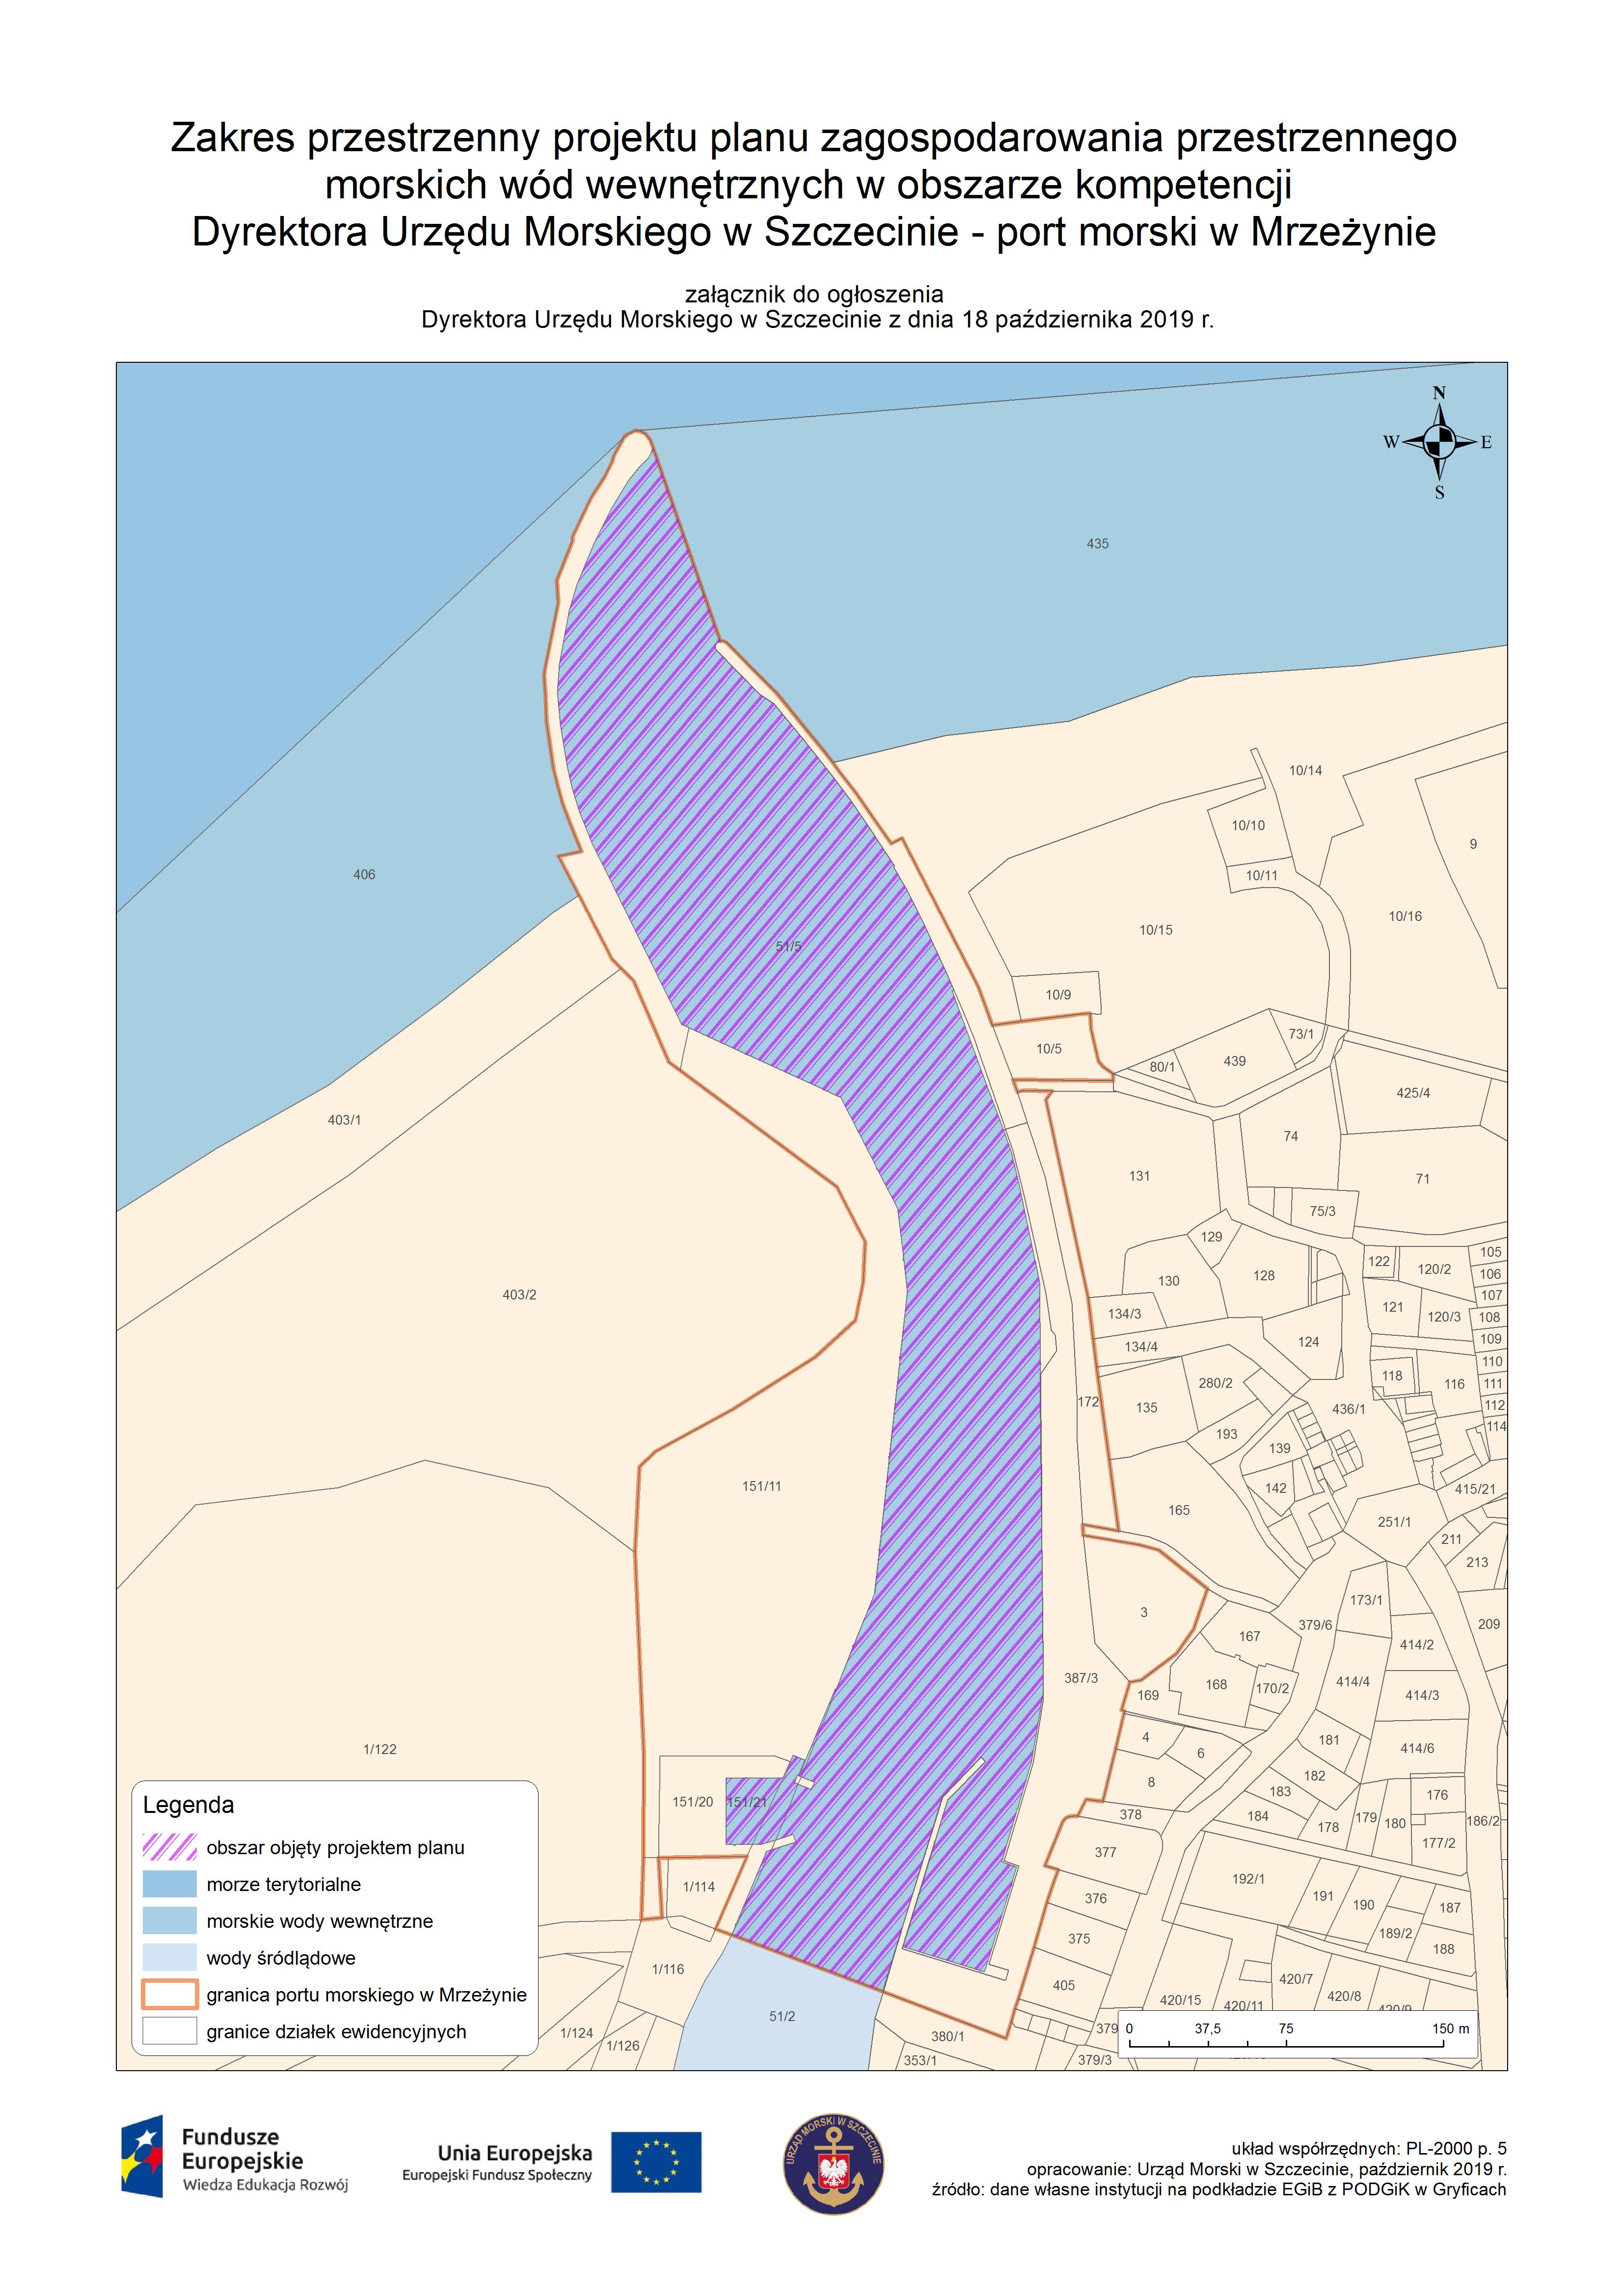 Mapa obrazująca obszar projektu planu